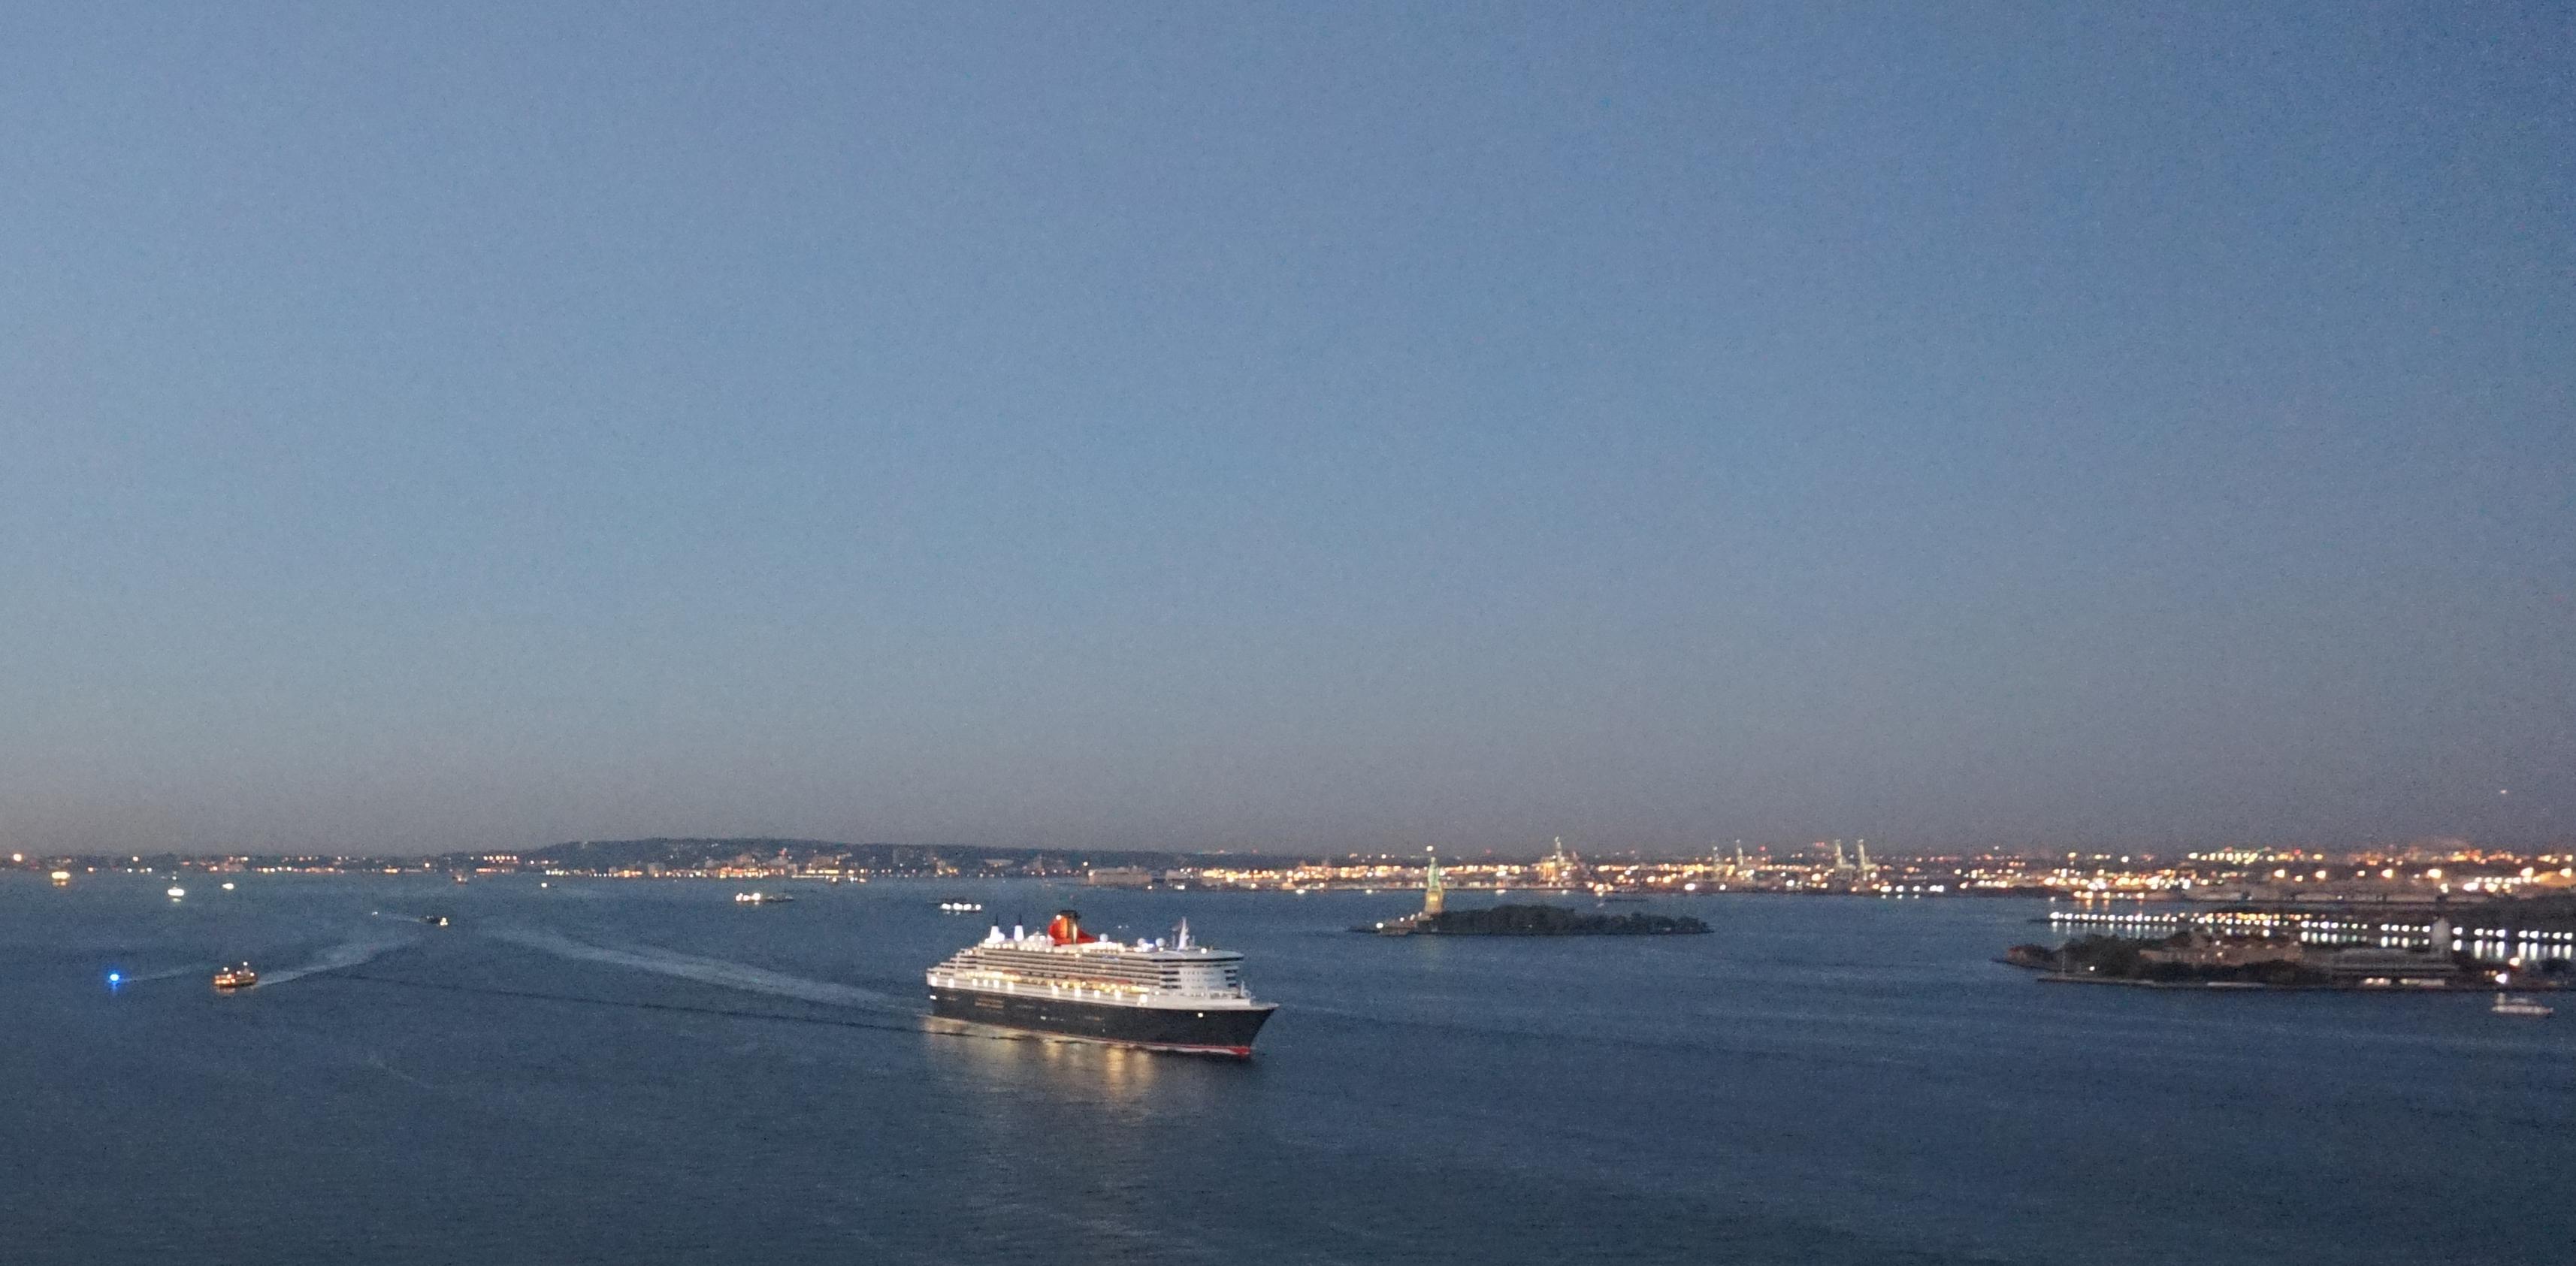 Queen Mary in port